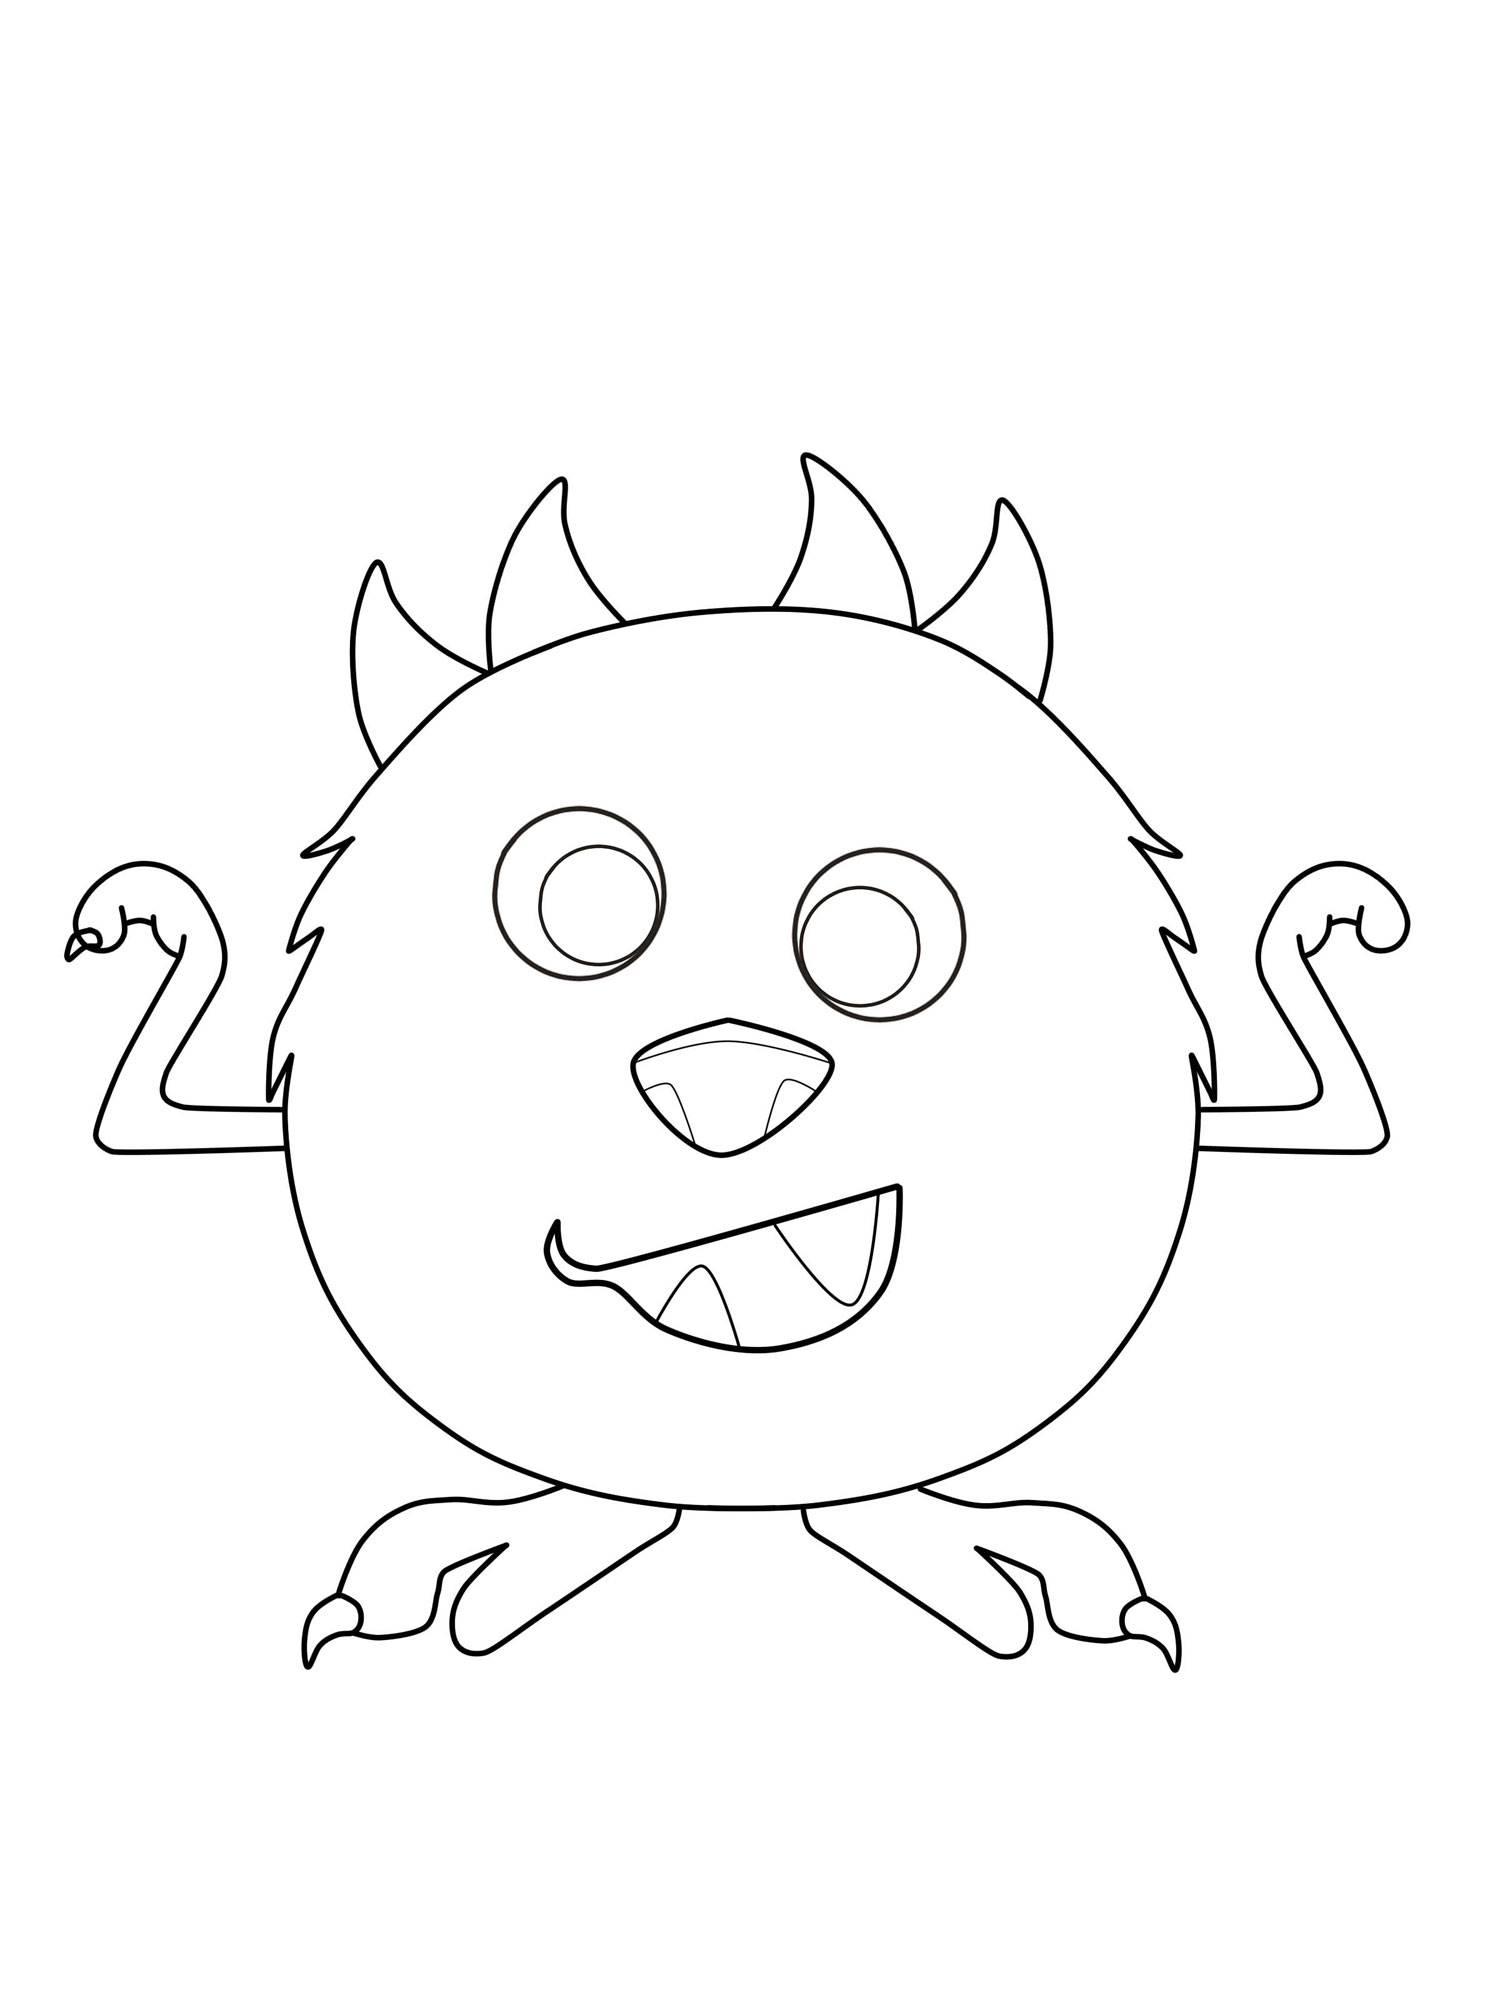 kostenlose malvorlage halloween kugelrundes monster zum